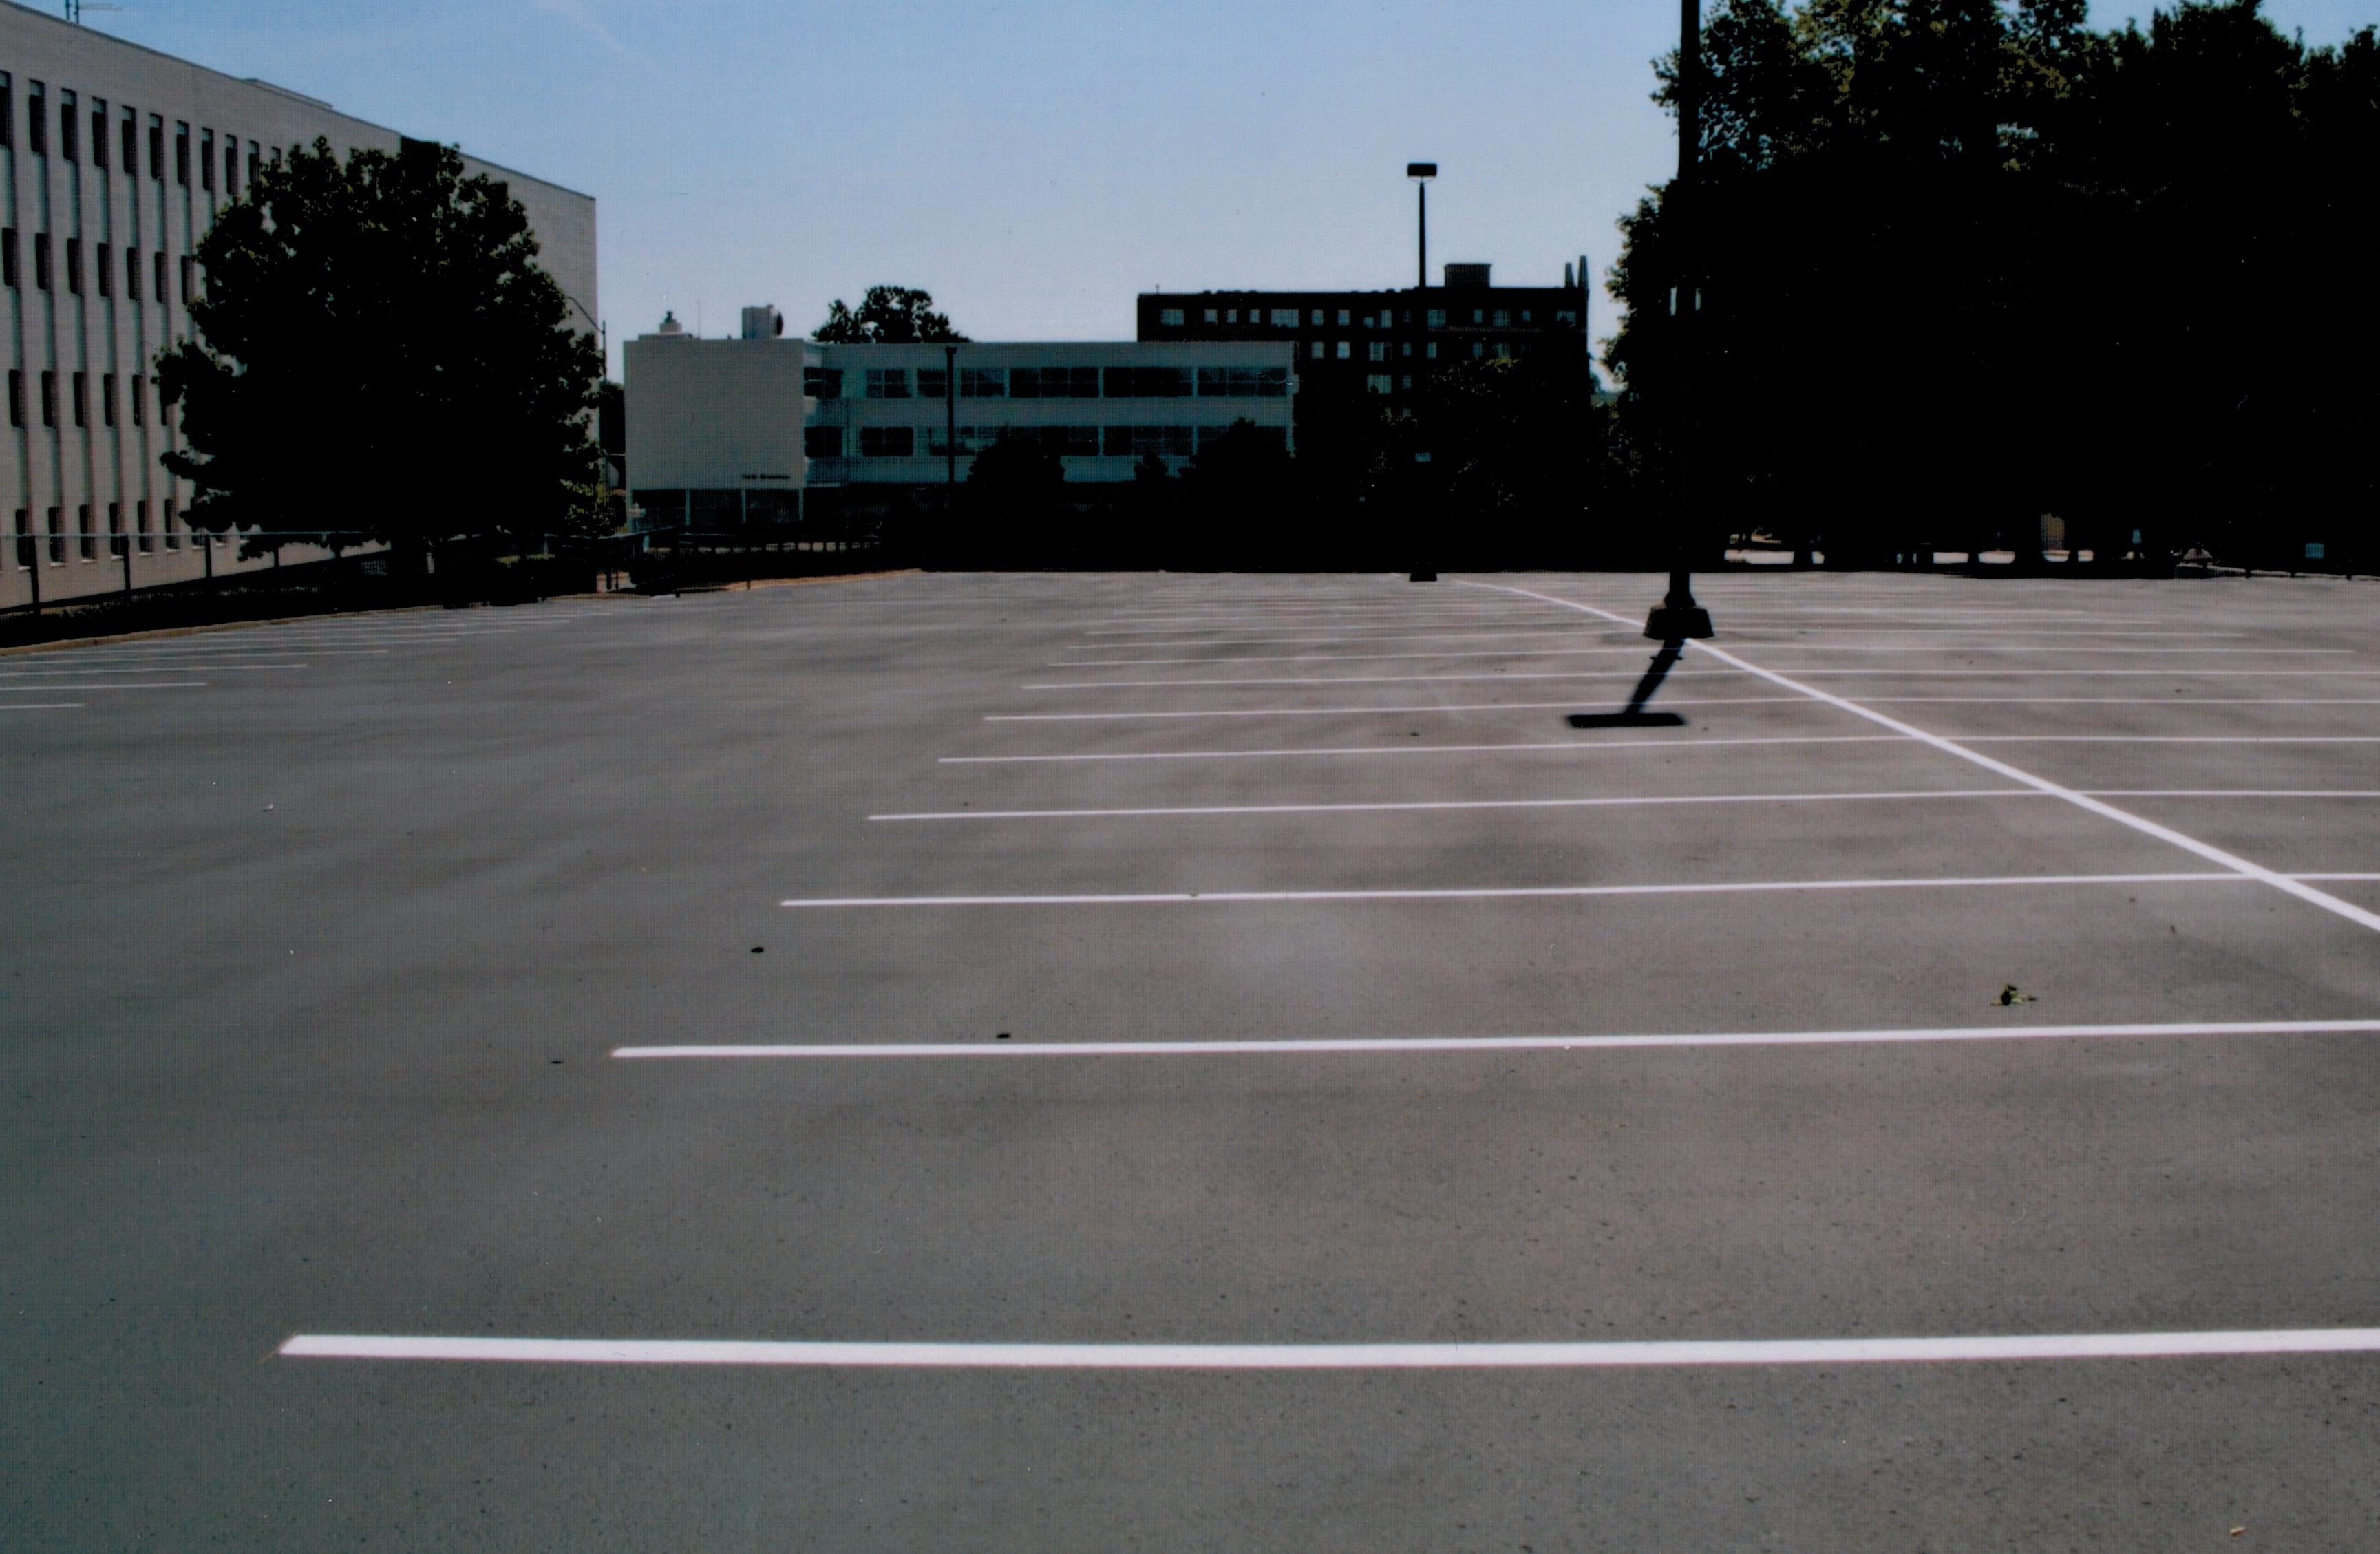 parking-lot01232012_0001